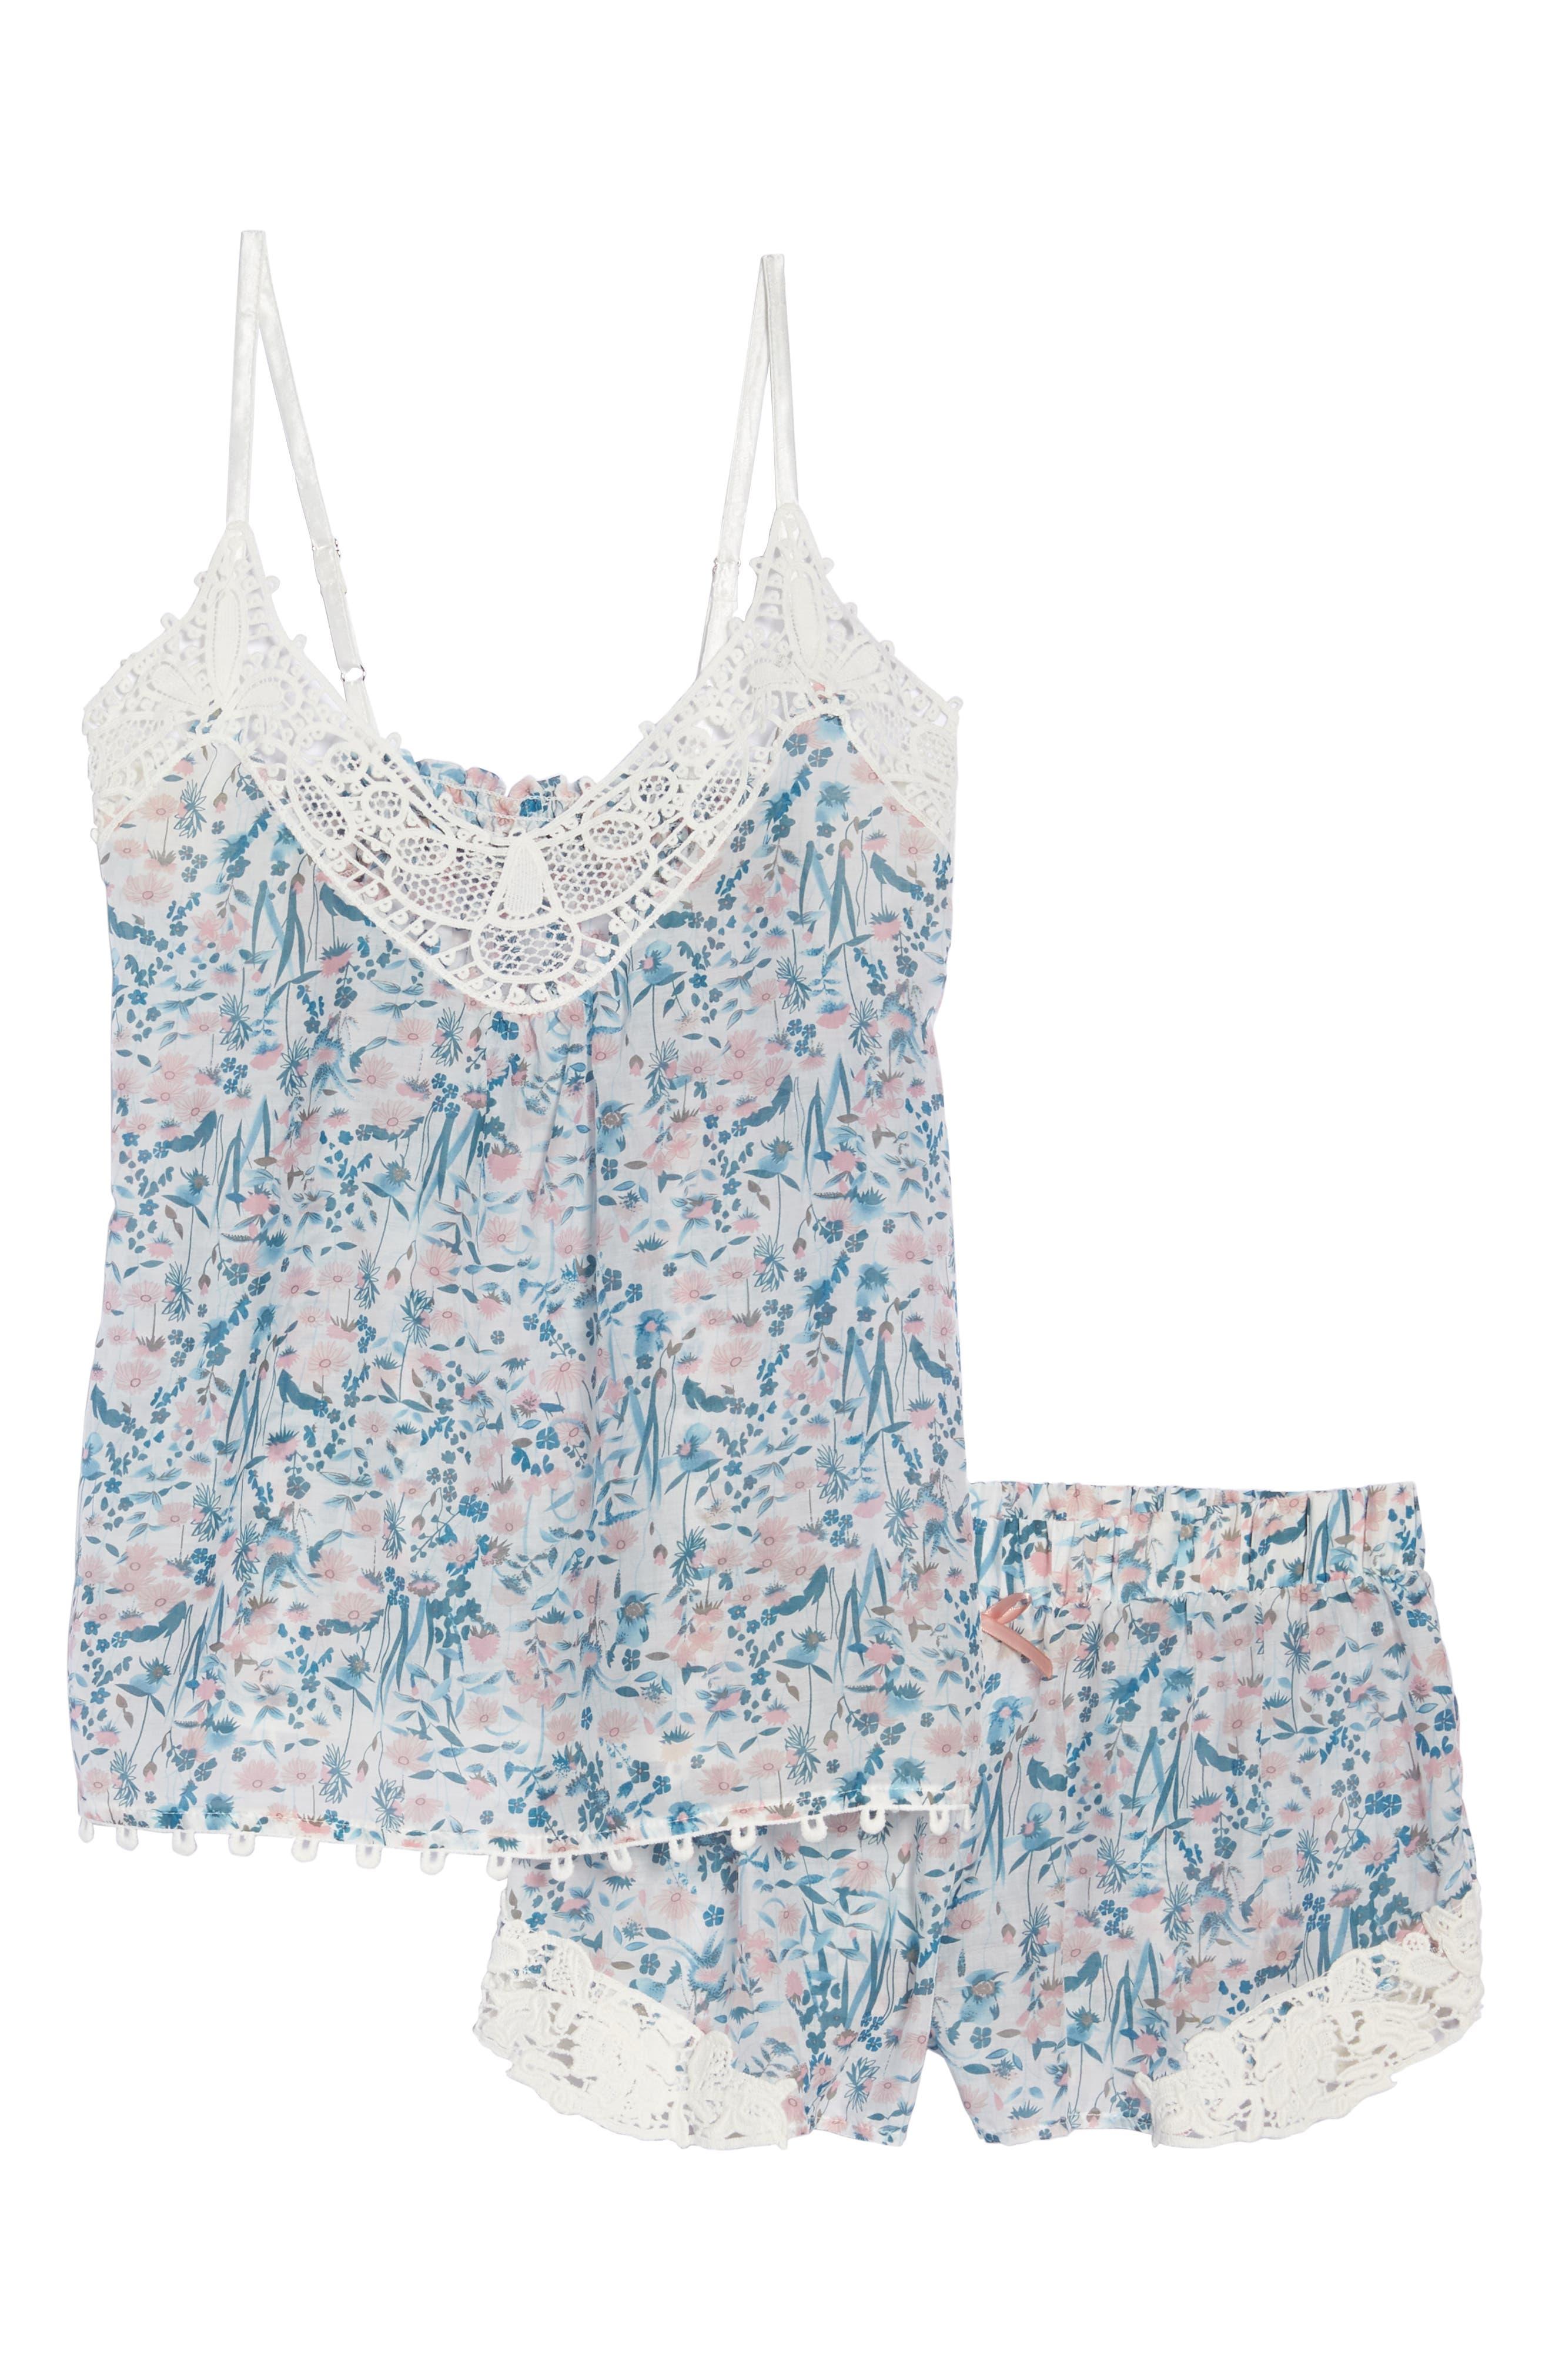 Ellie Short Pajamas,                             Alternate thumbnail 6, color,                             BLUE